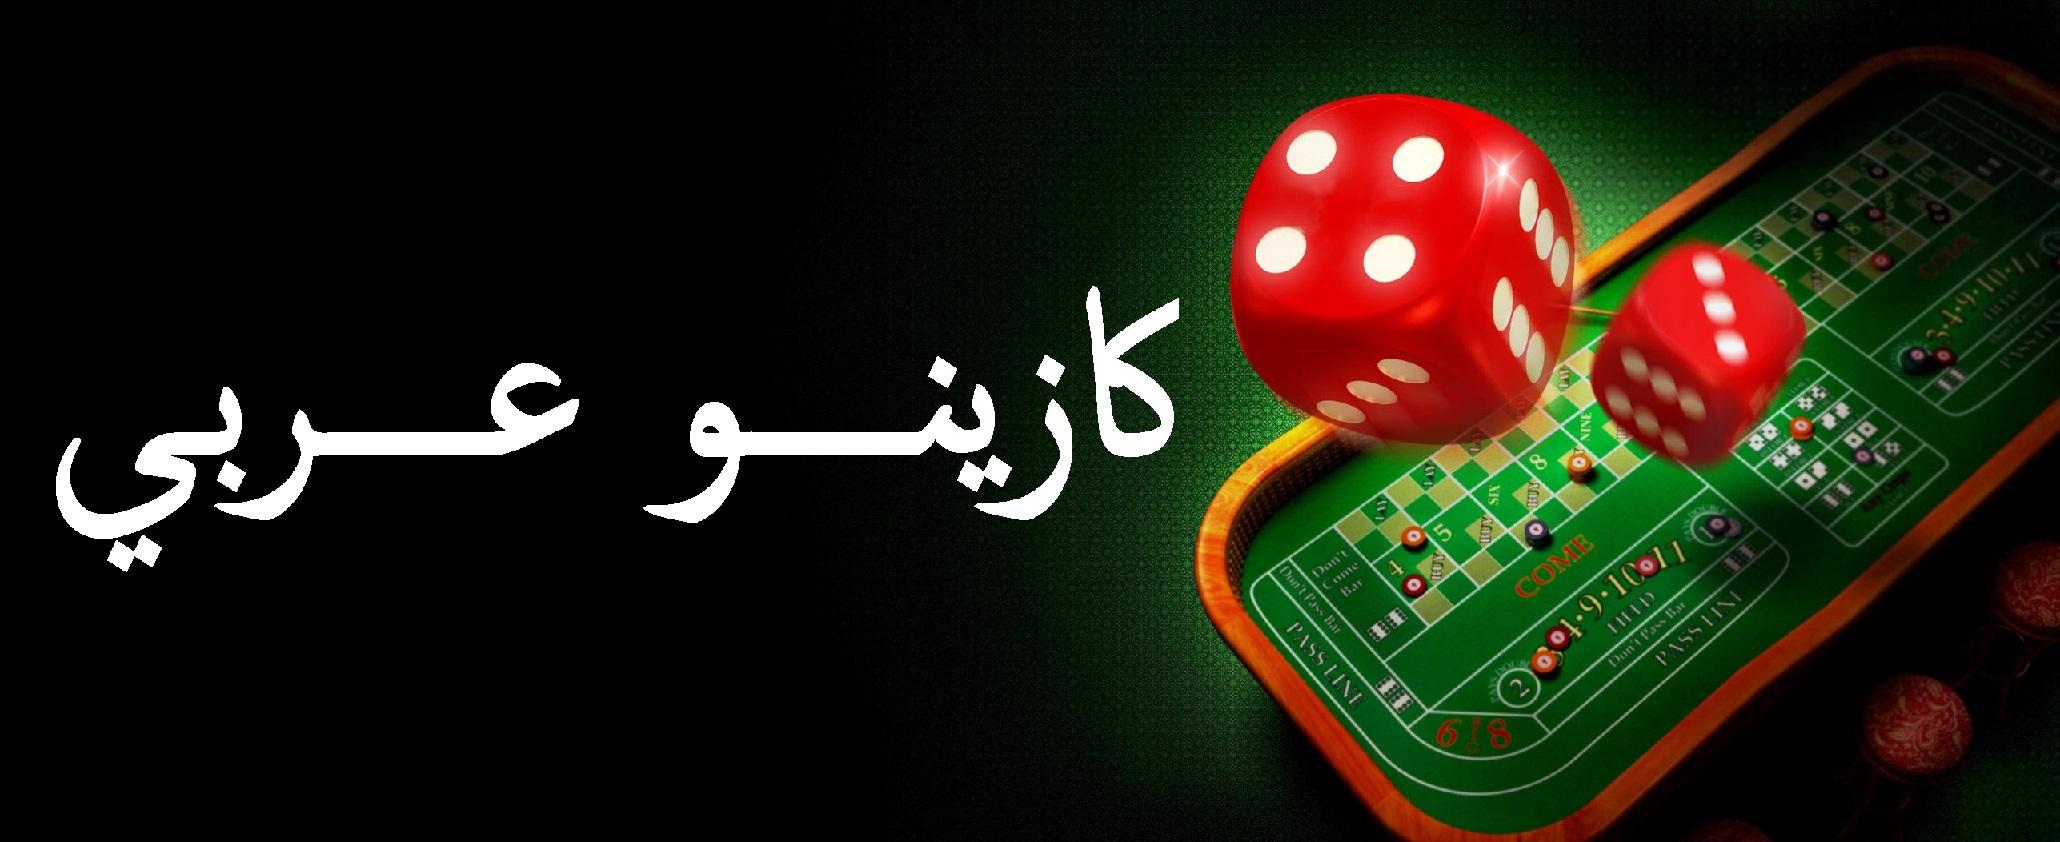 كازينو العرب 888 - 35404